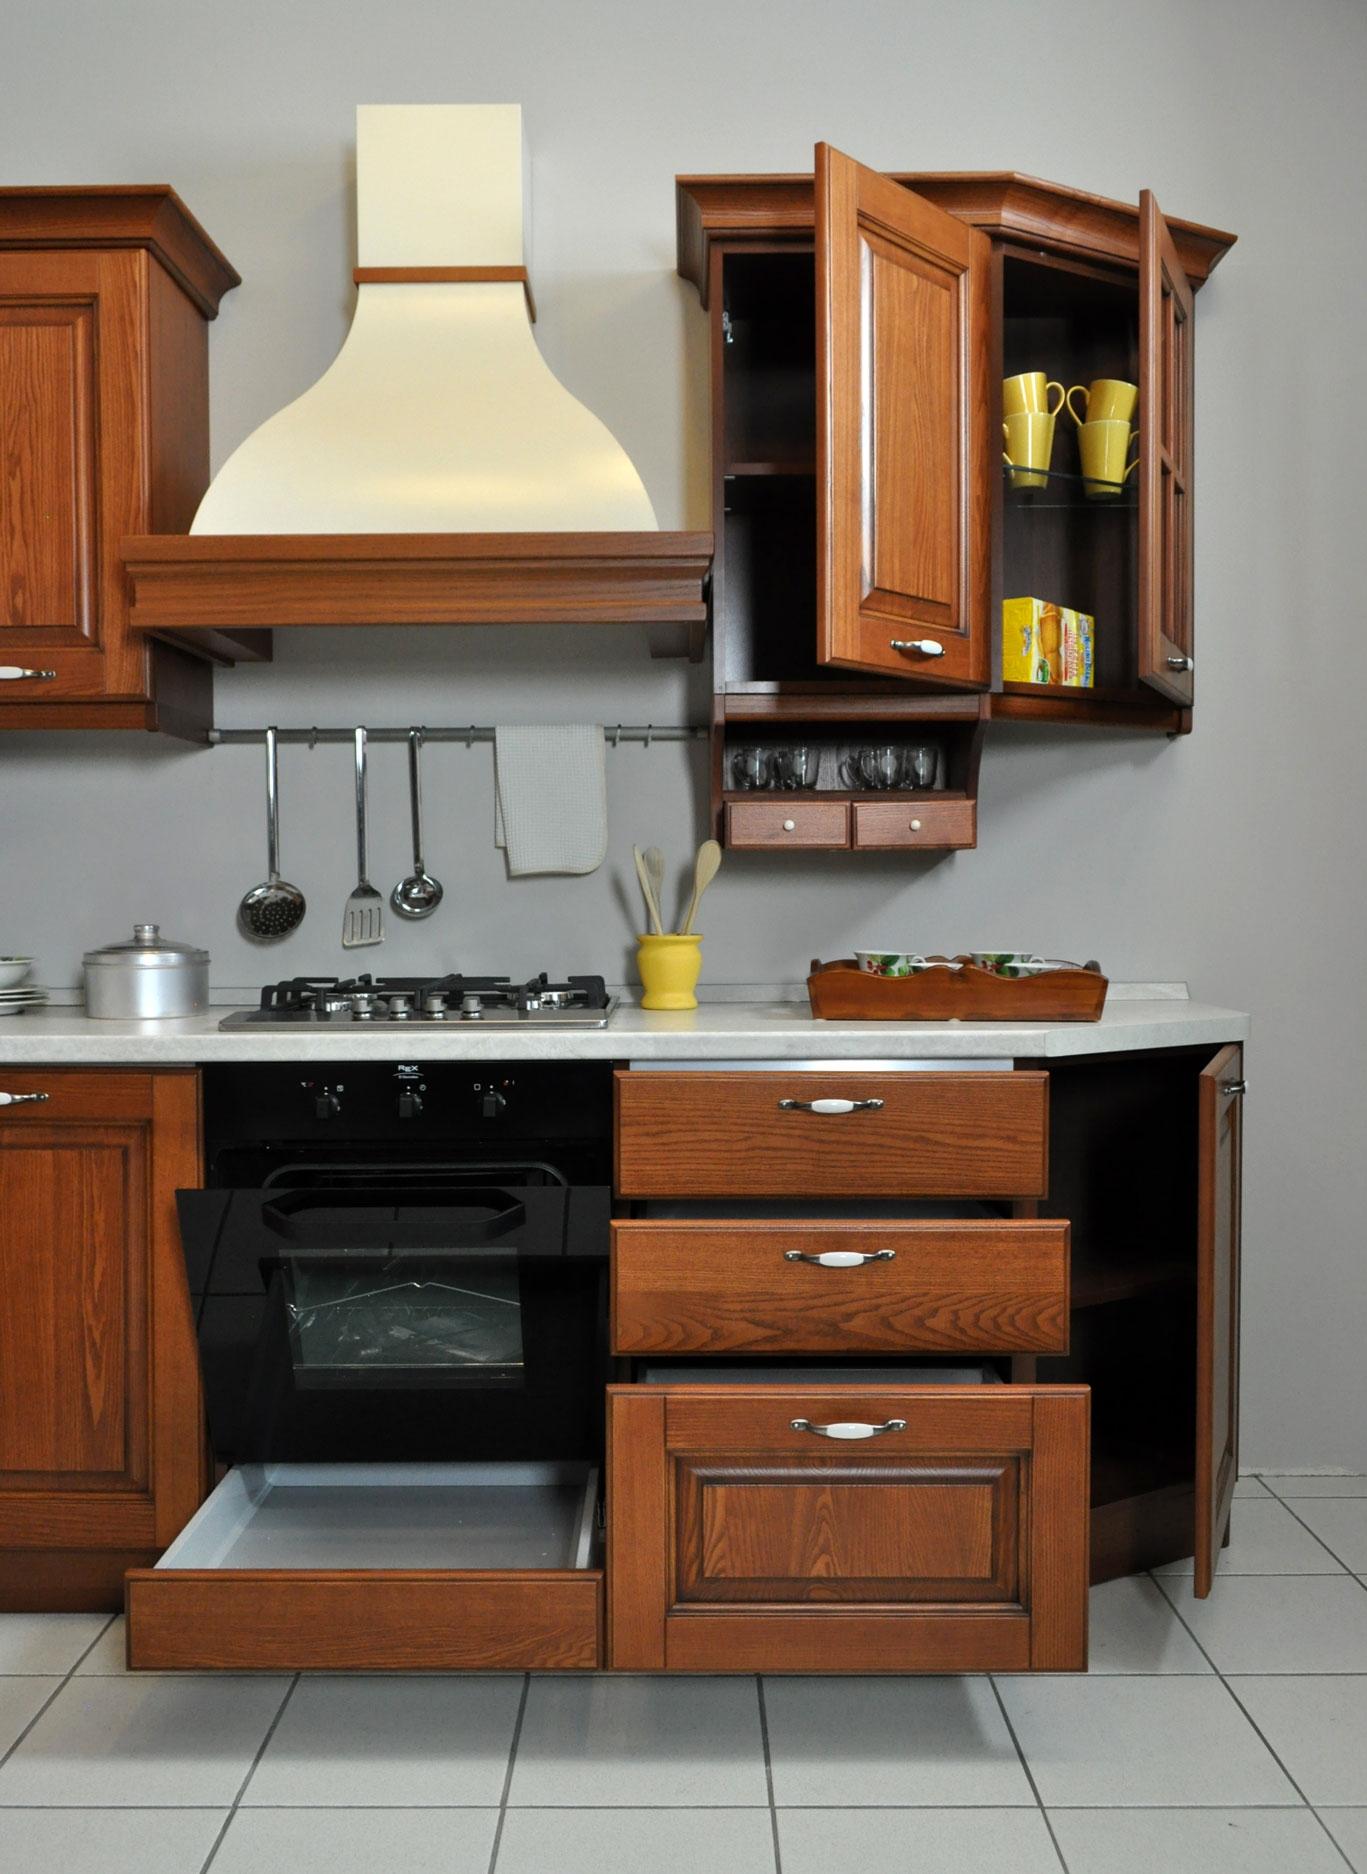 Cucina Angolare Veneta Cucine Con Elettrodomestici Scontata A Prezzo  #784021 1367 1874 Cucine Classiche Con Piano Cottura Angolare